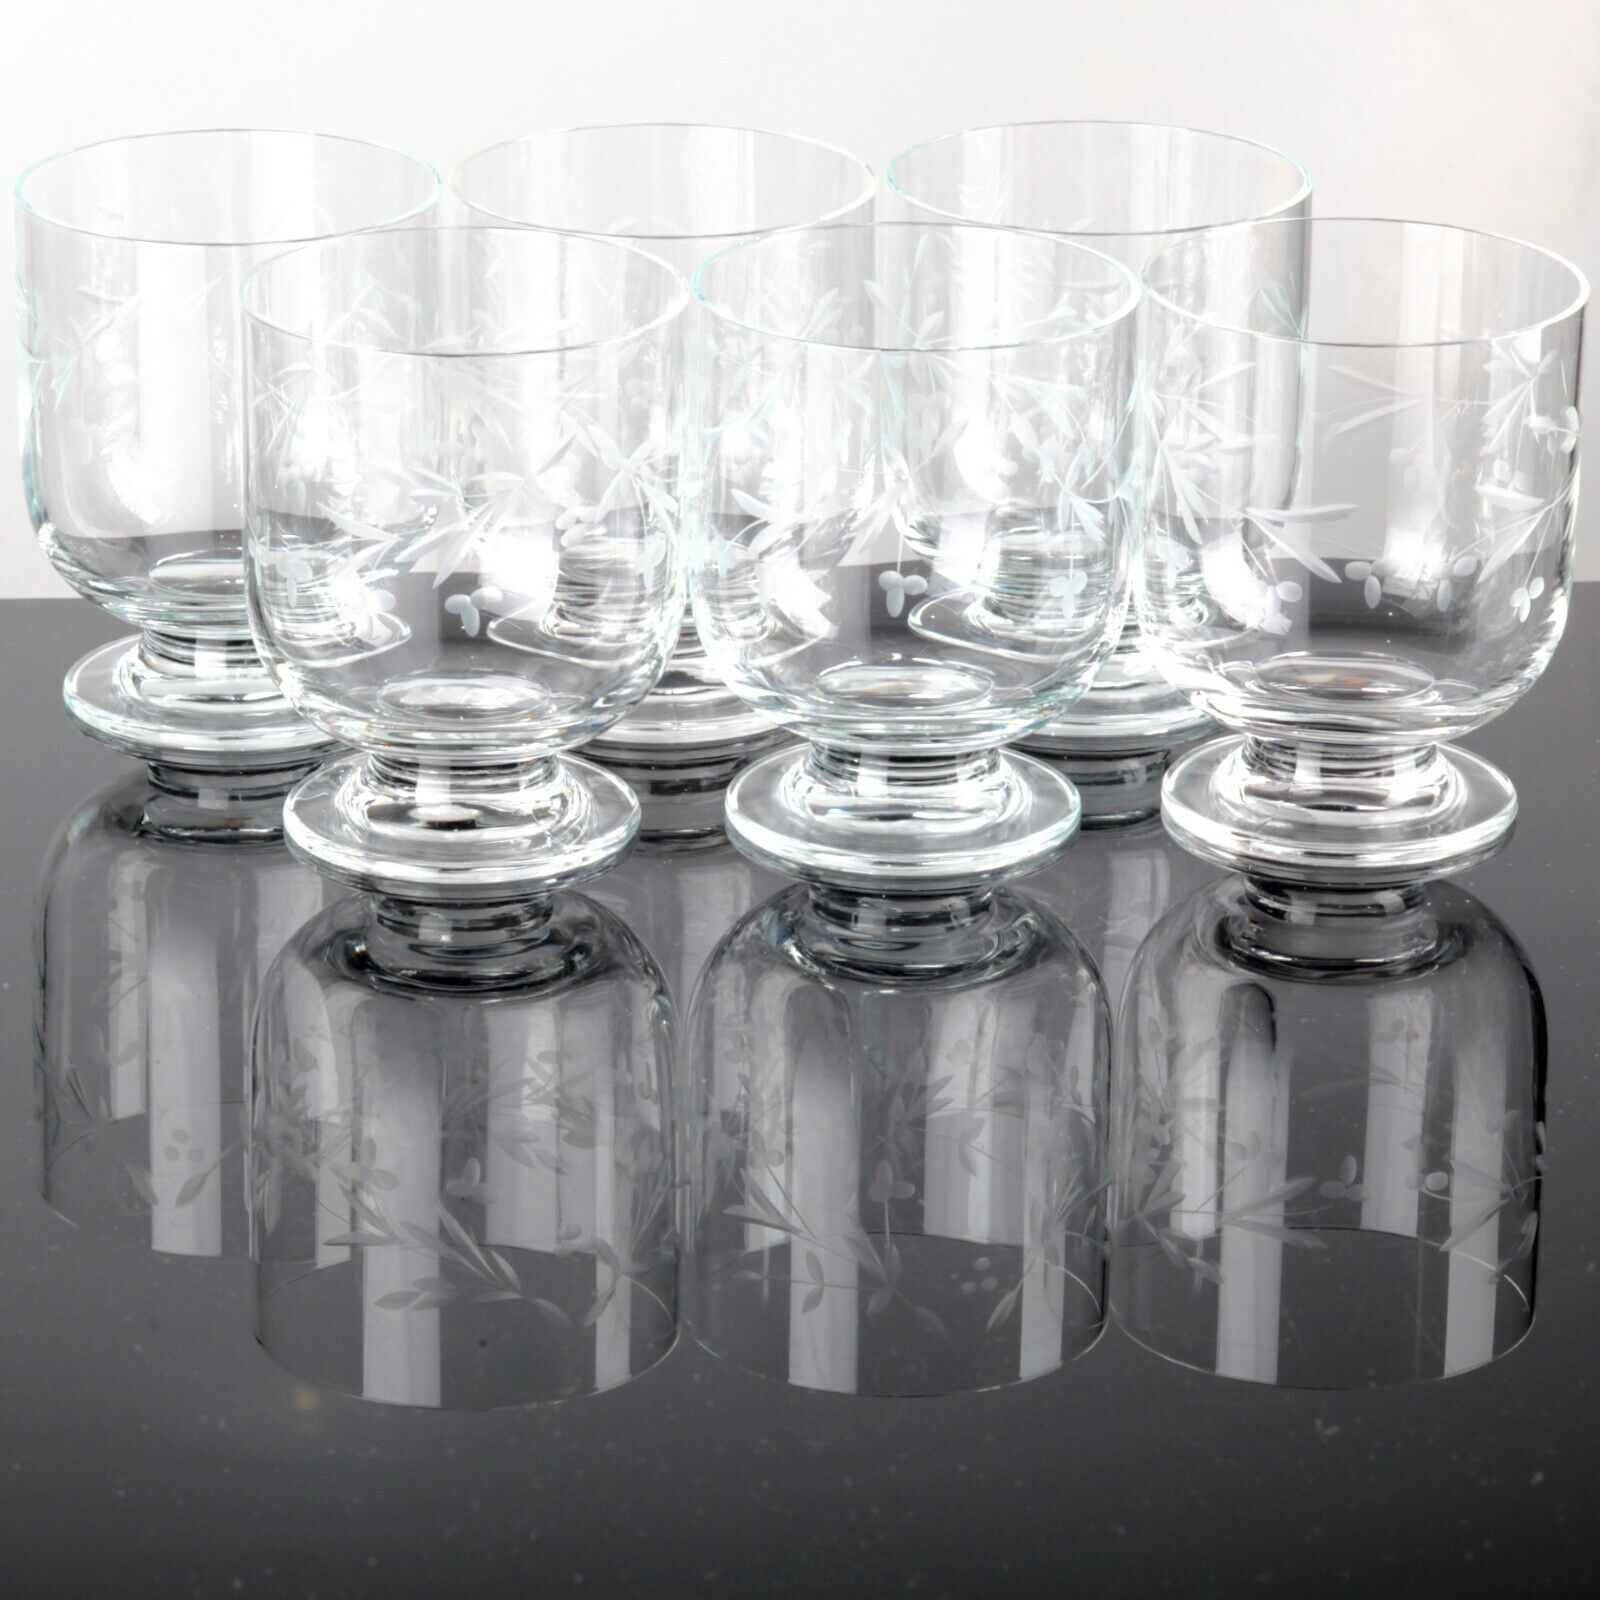 6 Fußbecher Becher Gläser Gläser Gläser Wassergläser Saftgläser Vintage Gravur Floral ReUse aa8dd1